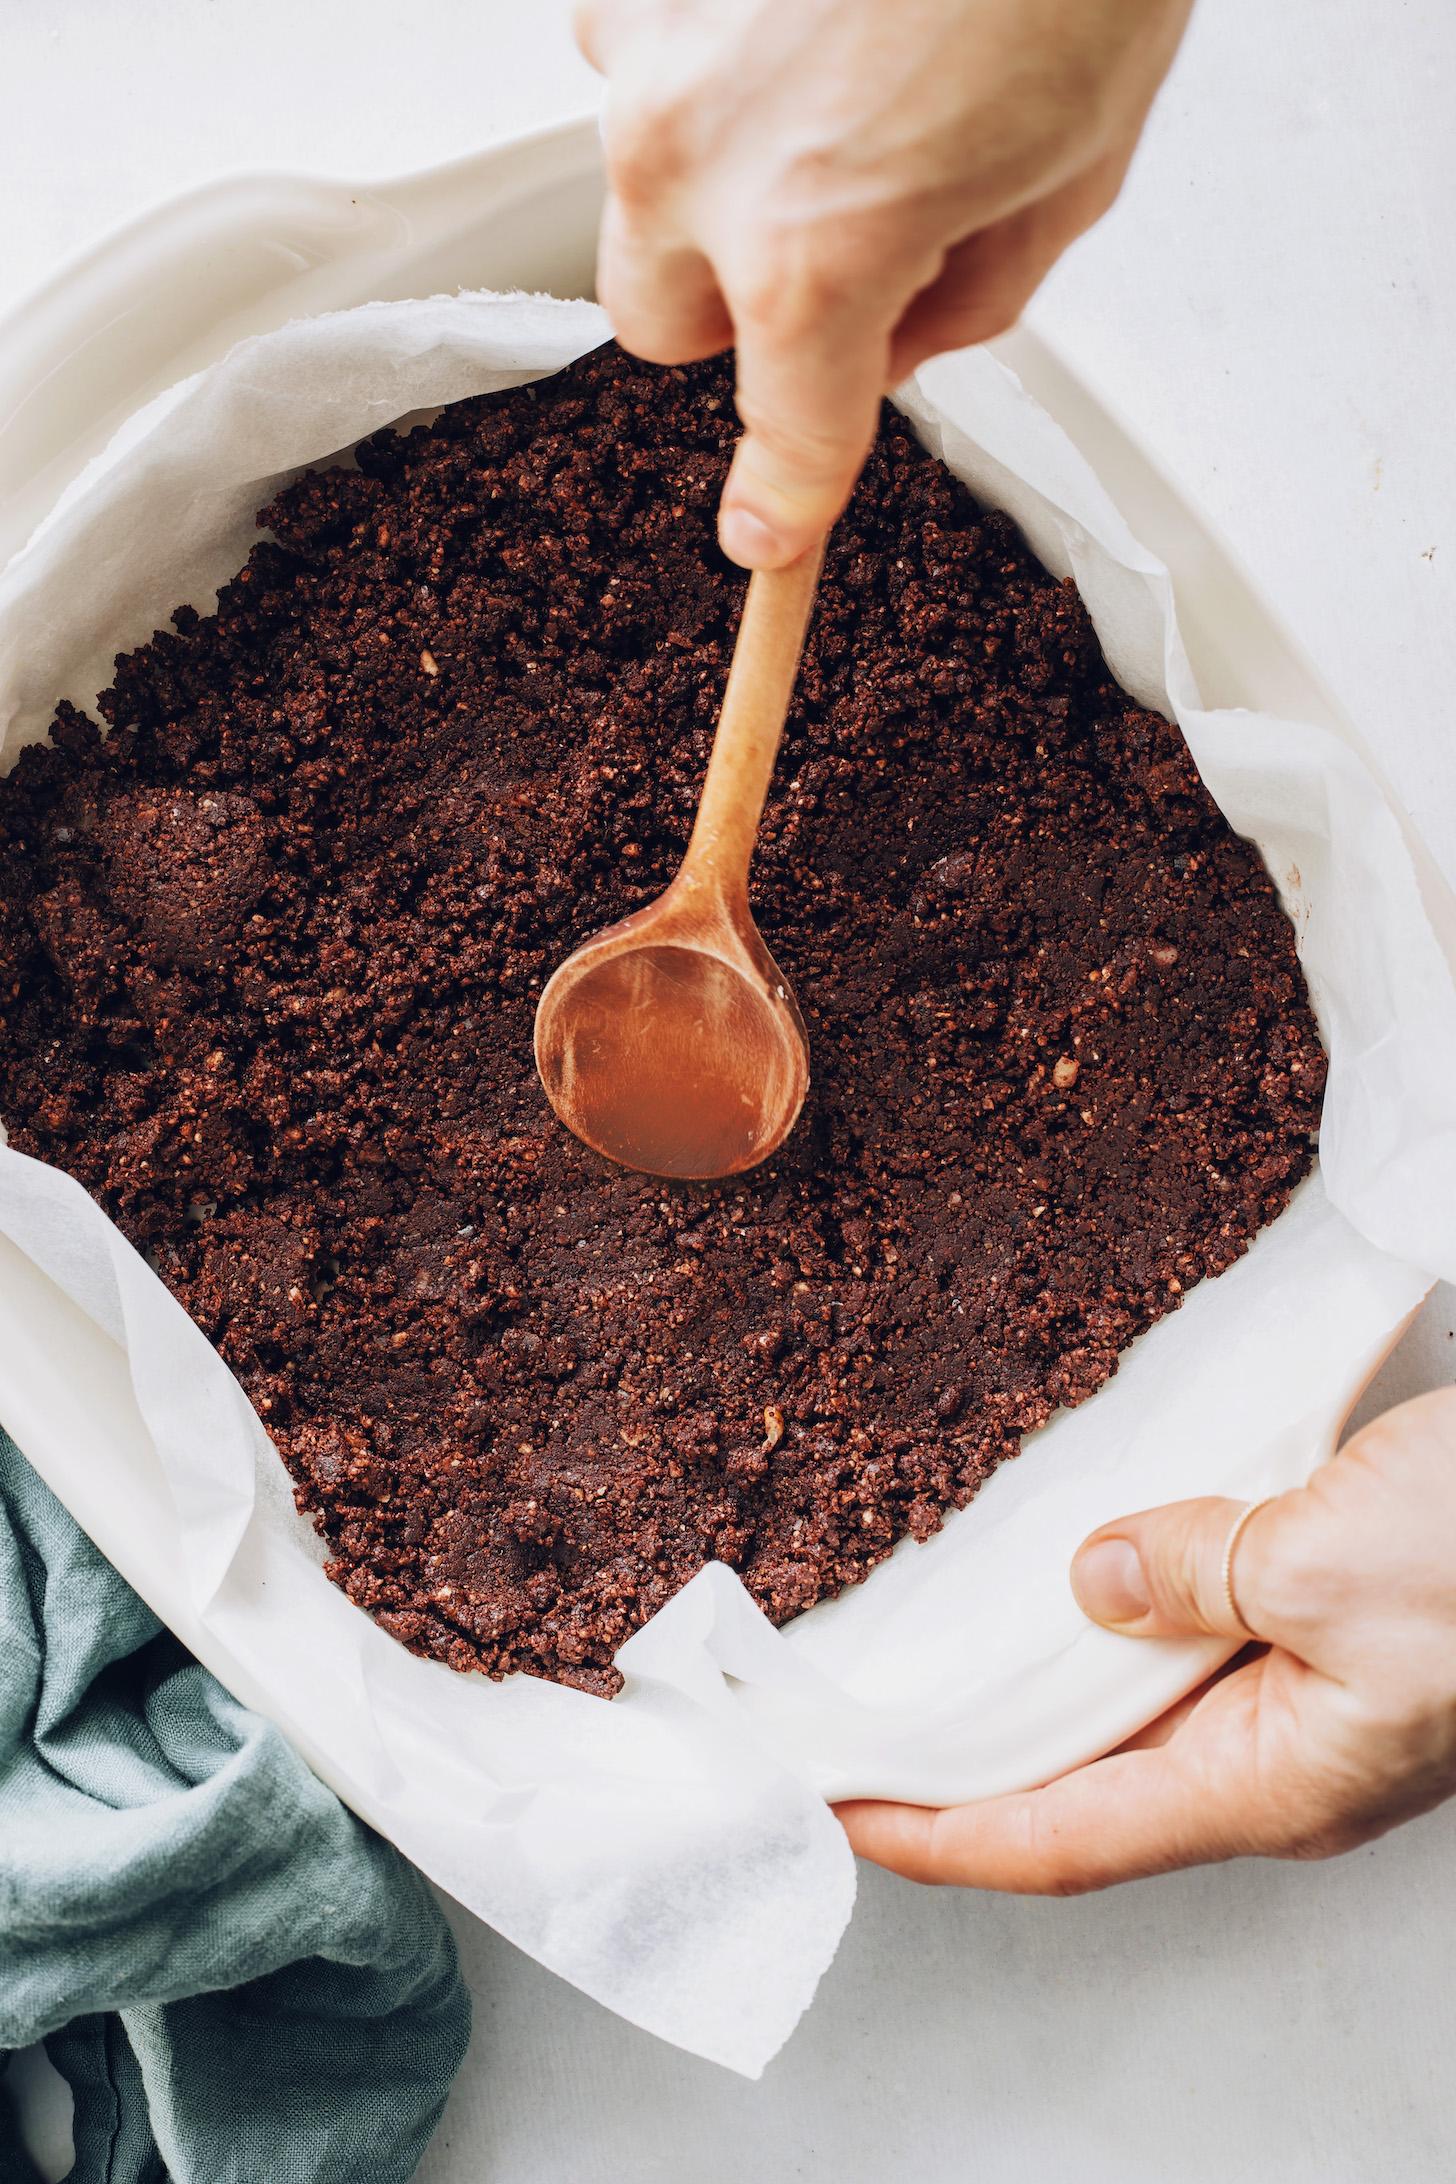 Fakanállal kenje meg a csokoládé brownie réteget egy pergamennel bélelt serpenyőben